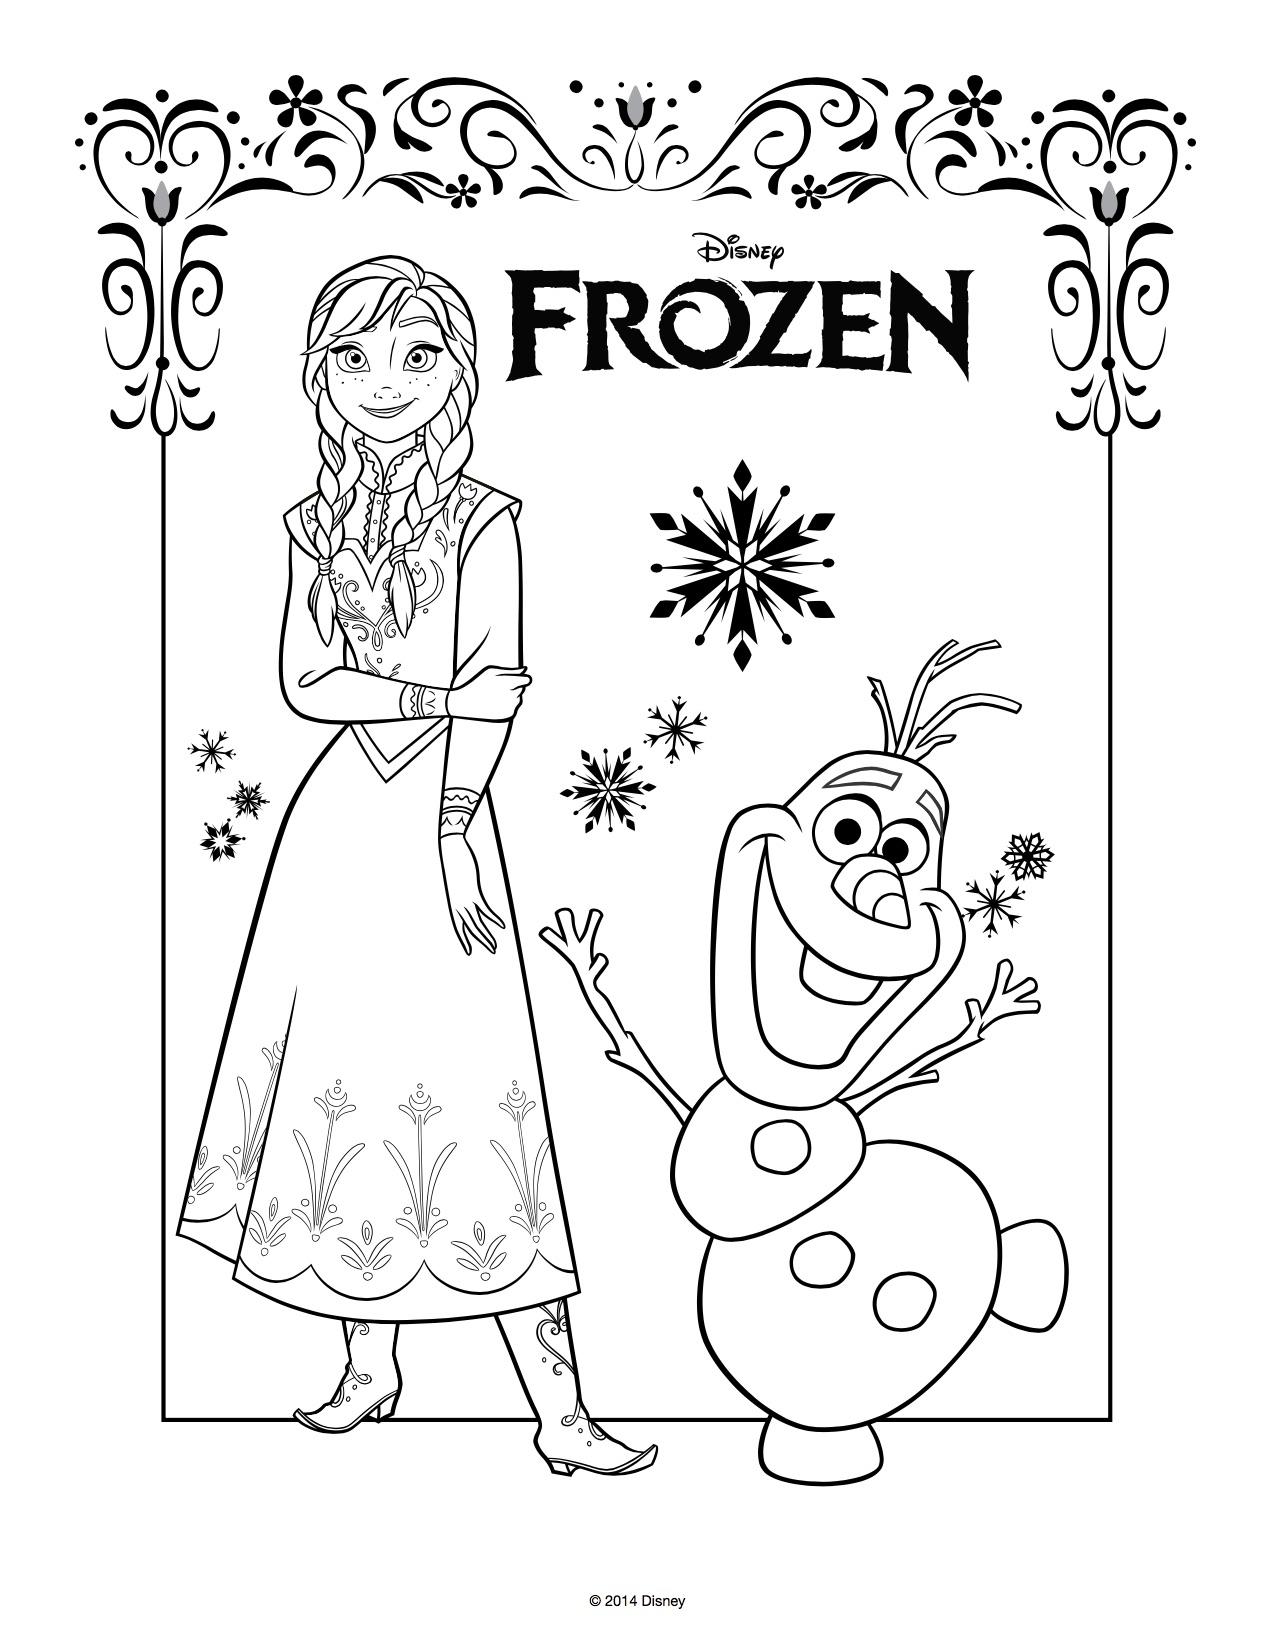 Frozen Coloring Pages Momjunction : Disegni da colorare di frozen stampare gratis anna e